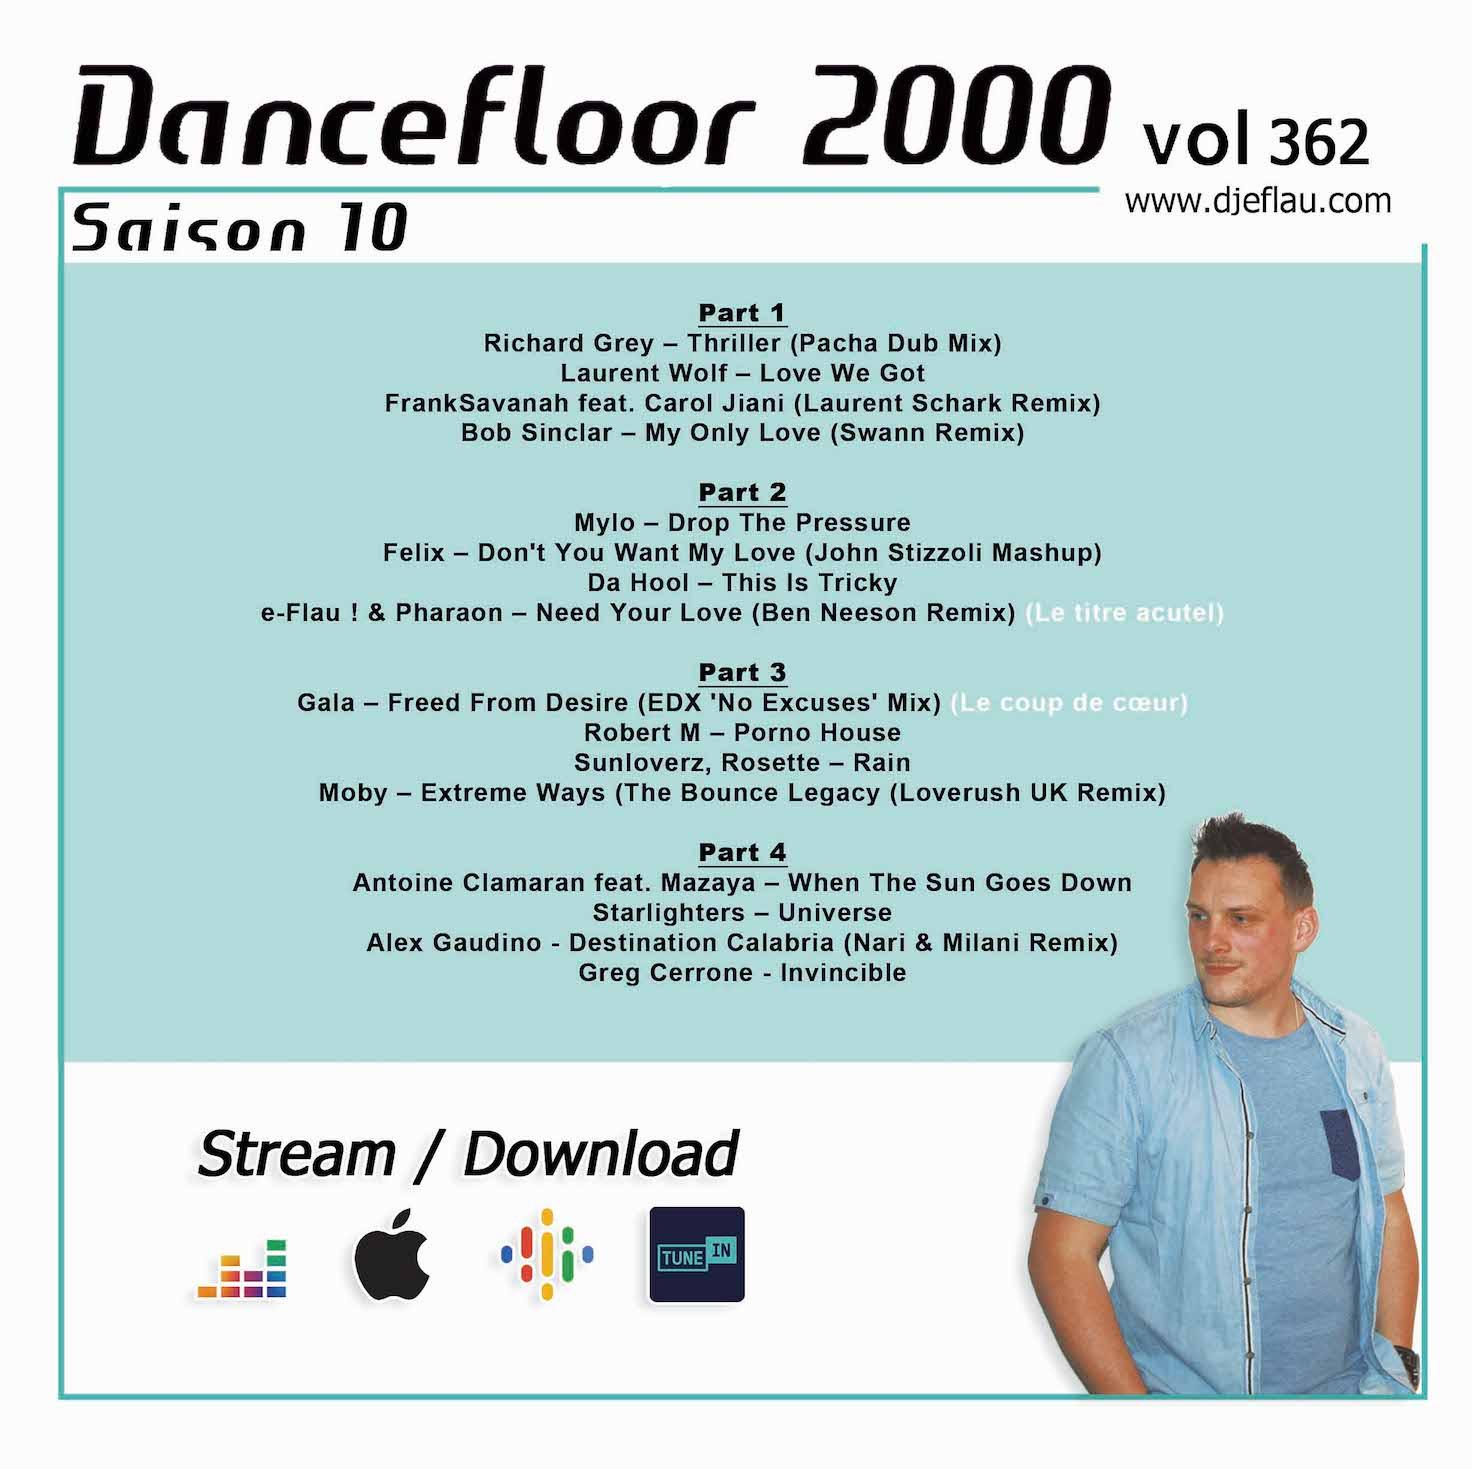 DANCEFLOOR 2000 vol 362